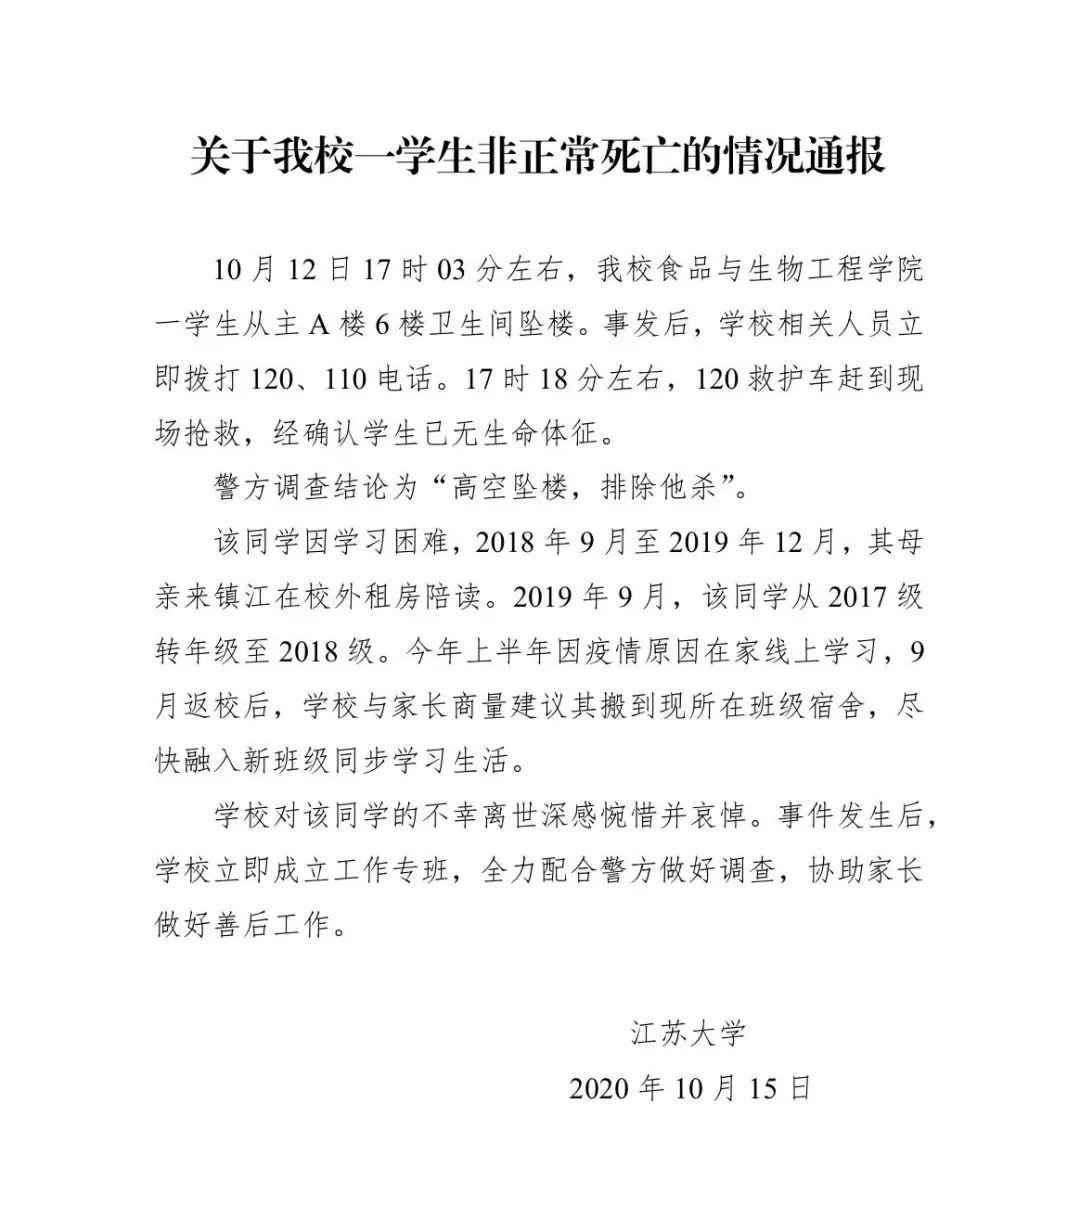 10月15日,江苏大学发布的状况通报。